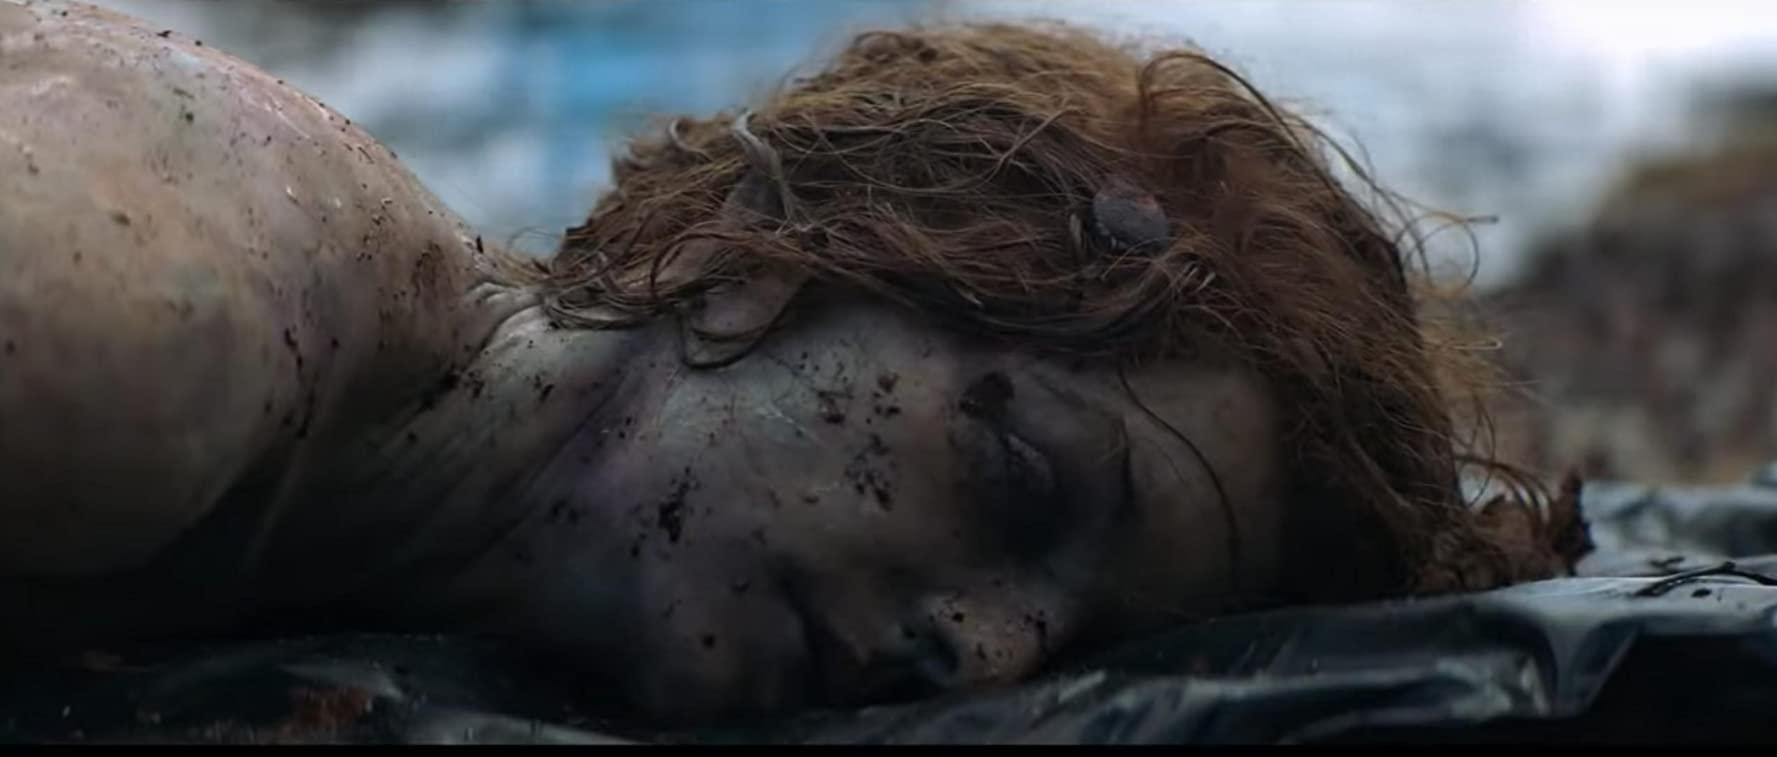 مشاهدة فيلم The Silencing (2020) مترجم HD اون لاين